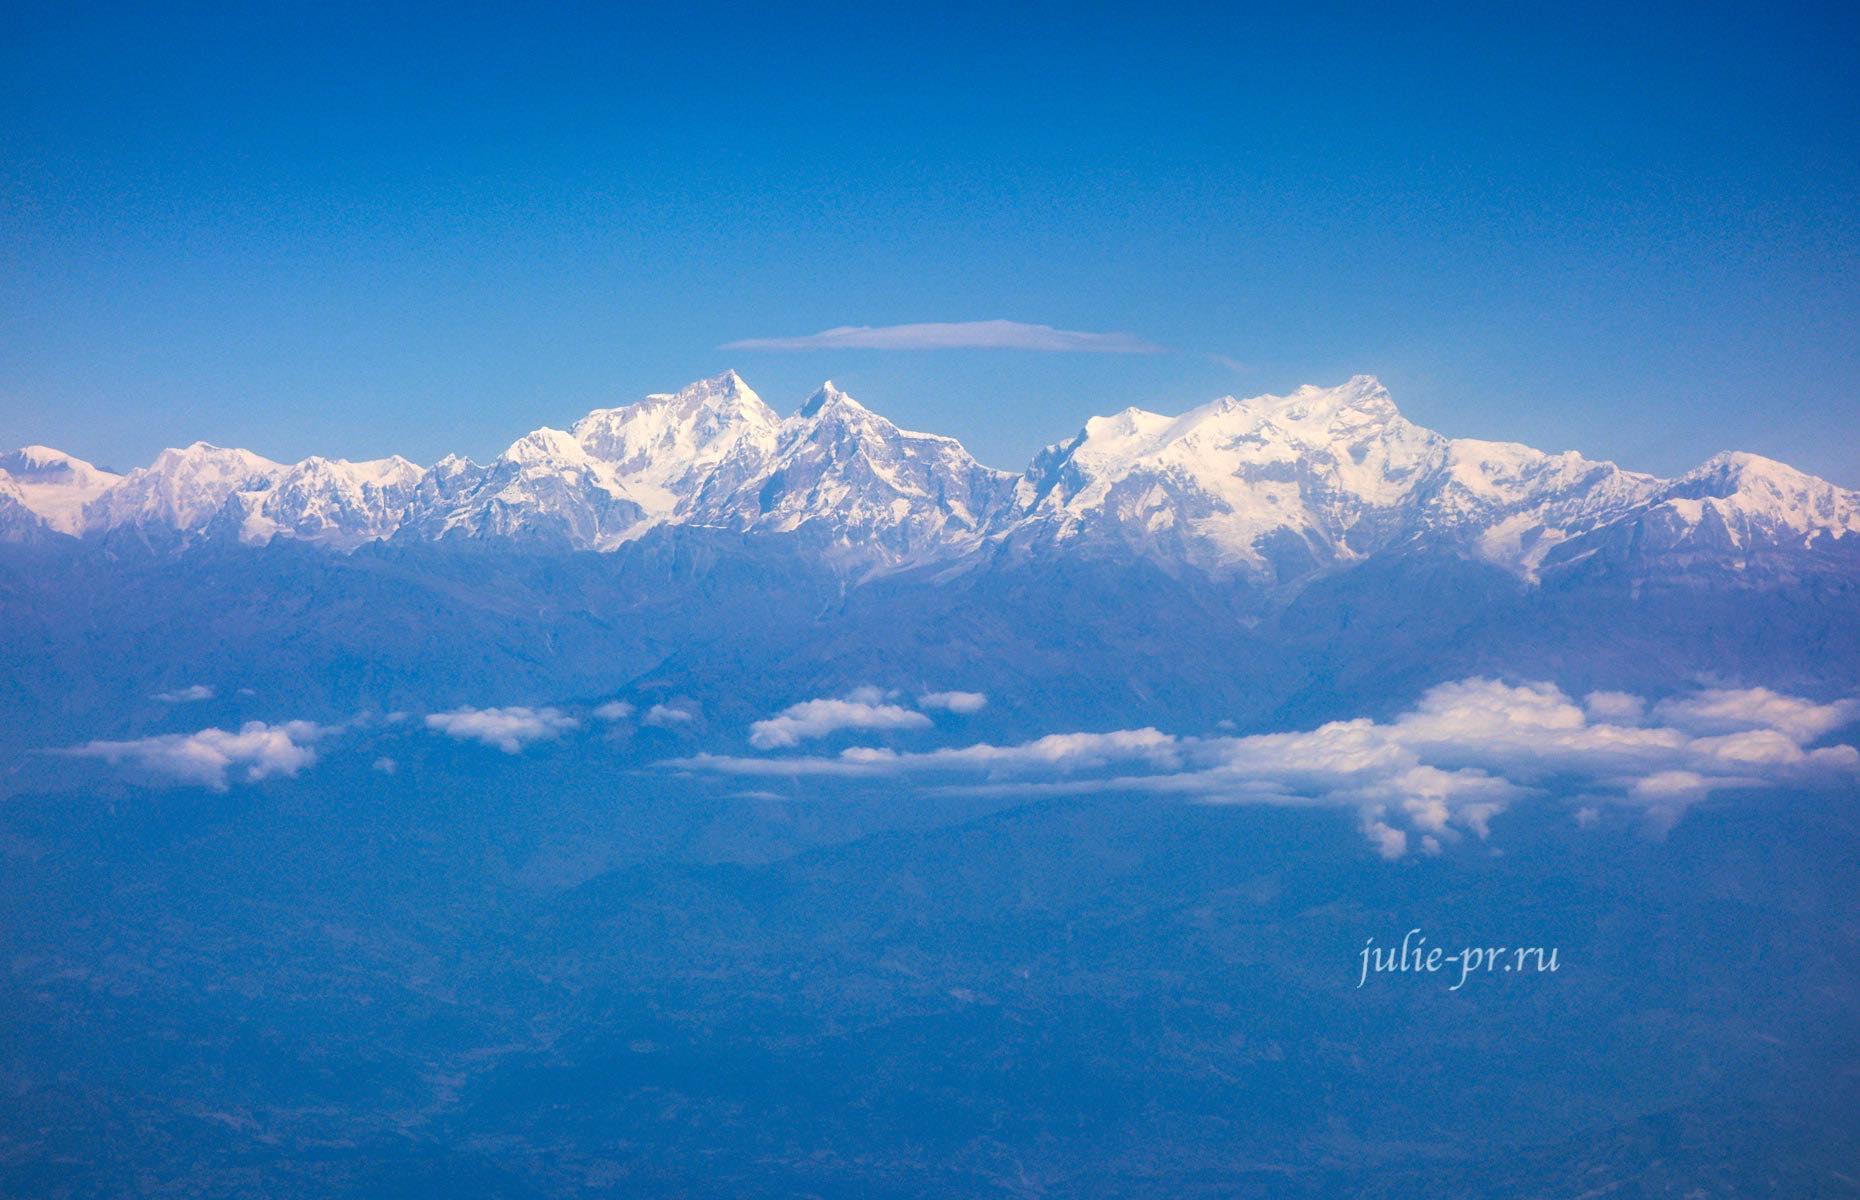 Непал, Гималаи, Манаслу